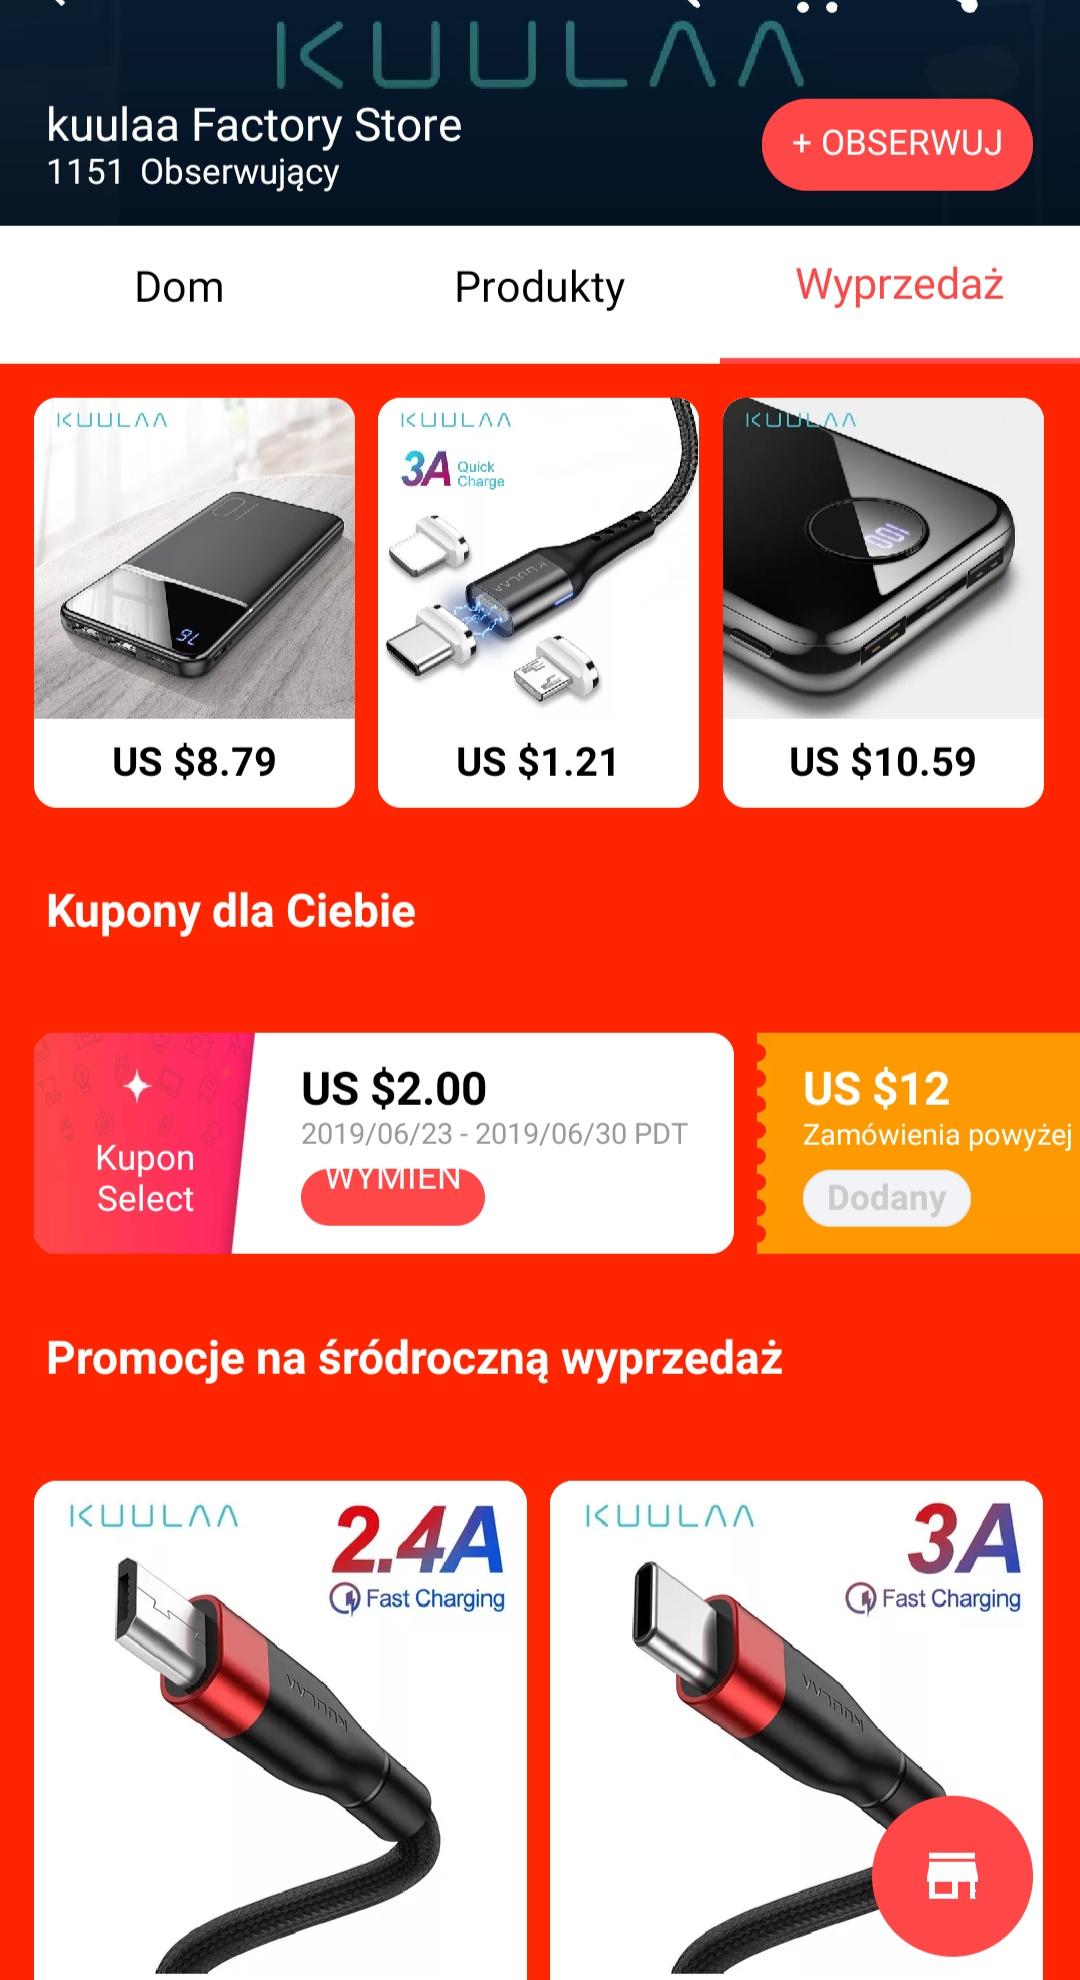 Ładowarka QC3 7,26 zł Powerbank 10000 mAH 27,8zl 2xkabel USB-C 2m za 6,5 zł sklep Kuulaa kupony